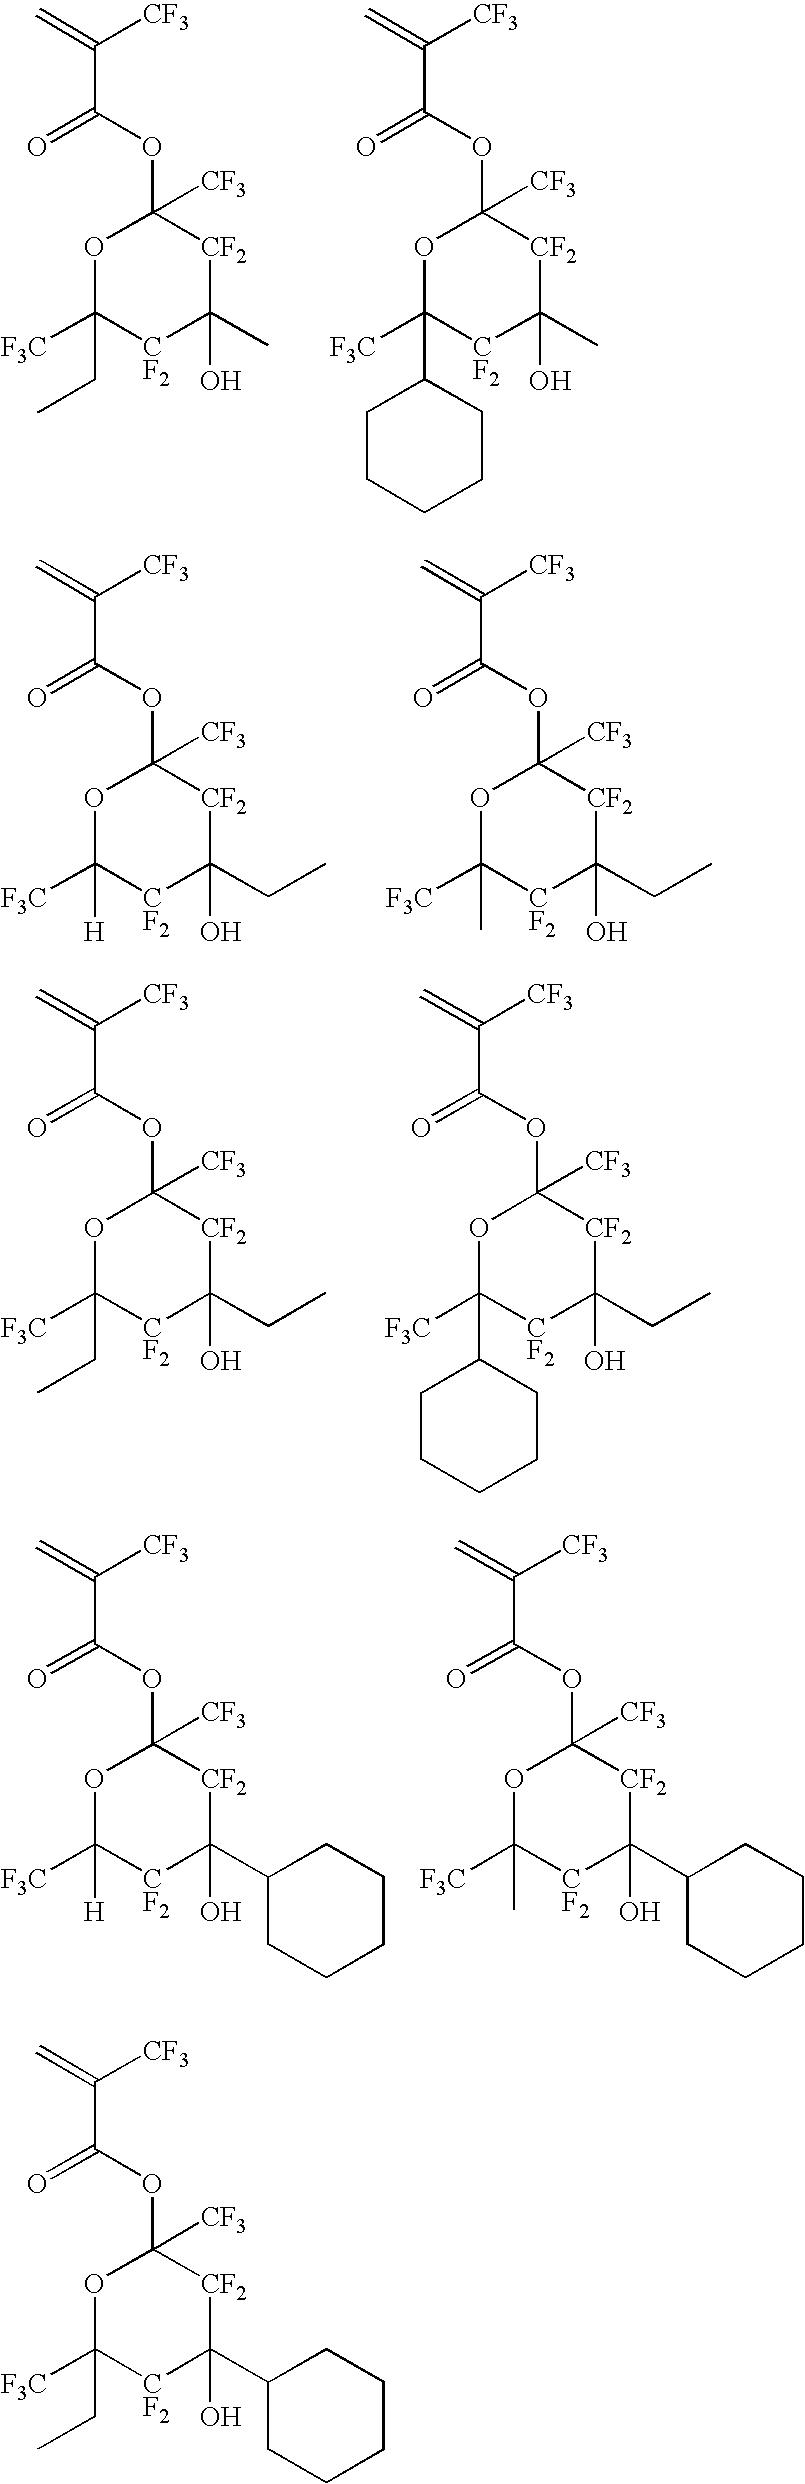 Figure US20060094817A1-20060504-C00022